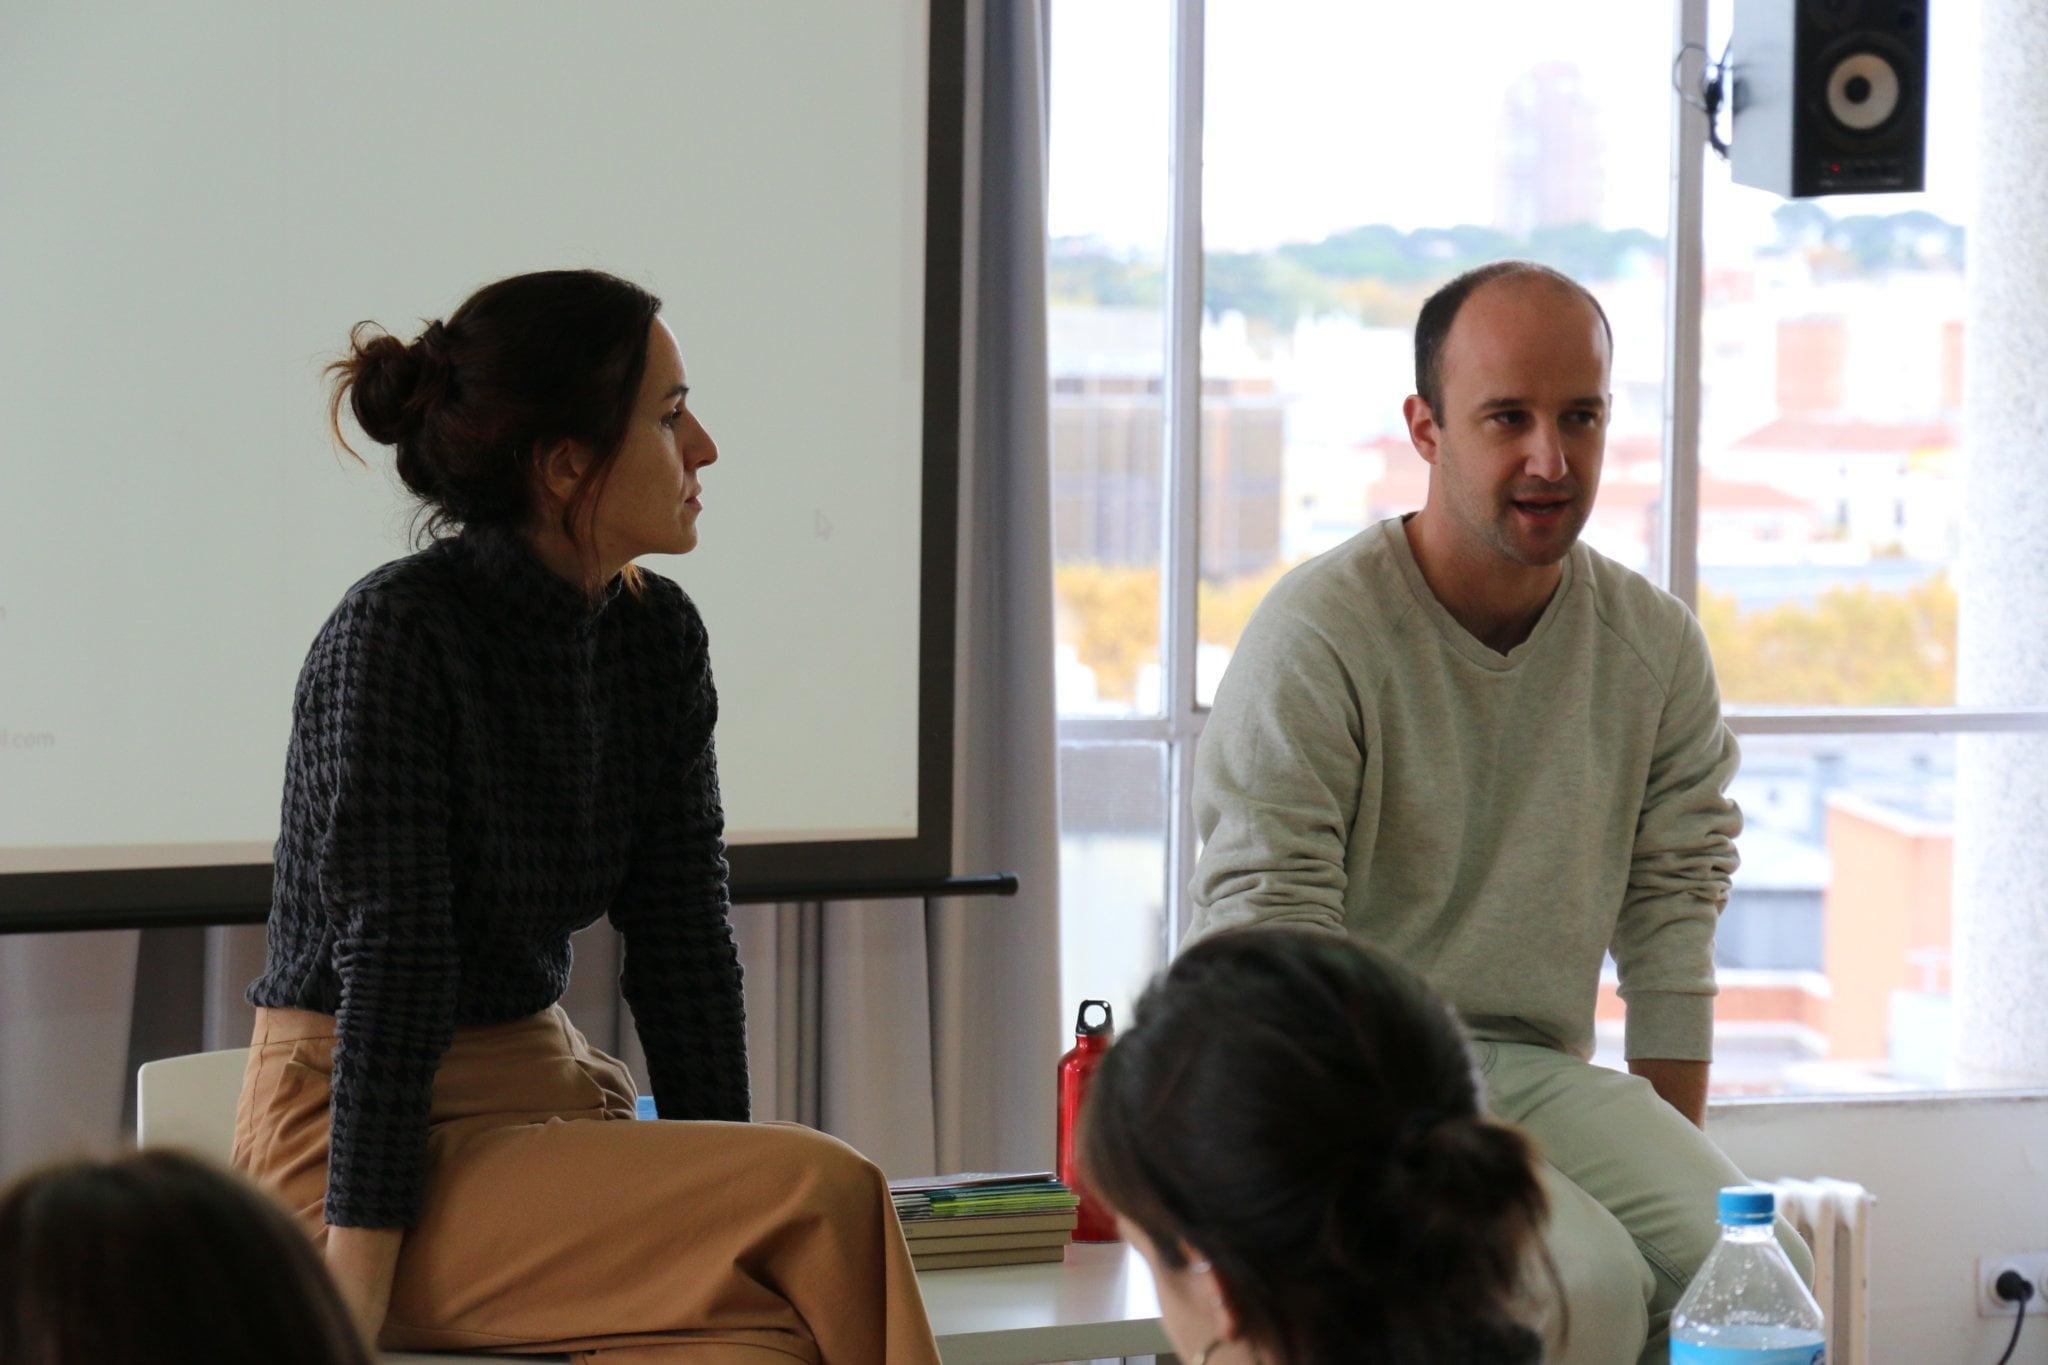 Beatriz Alonso + Carlos Fernández Pello